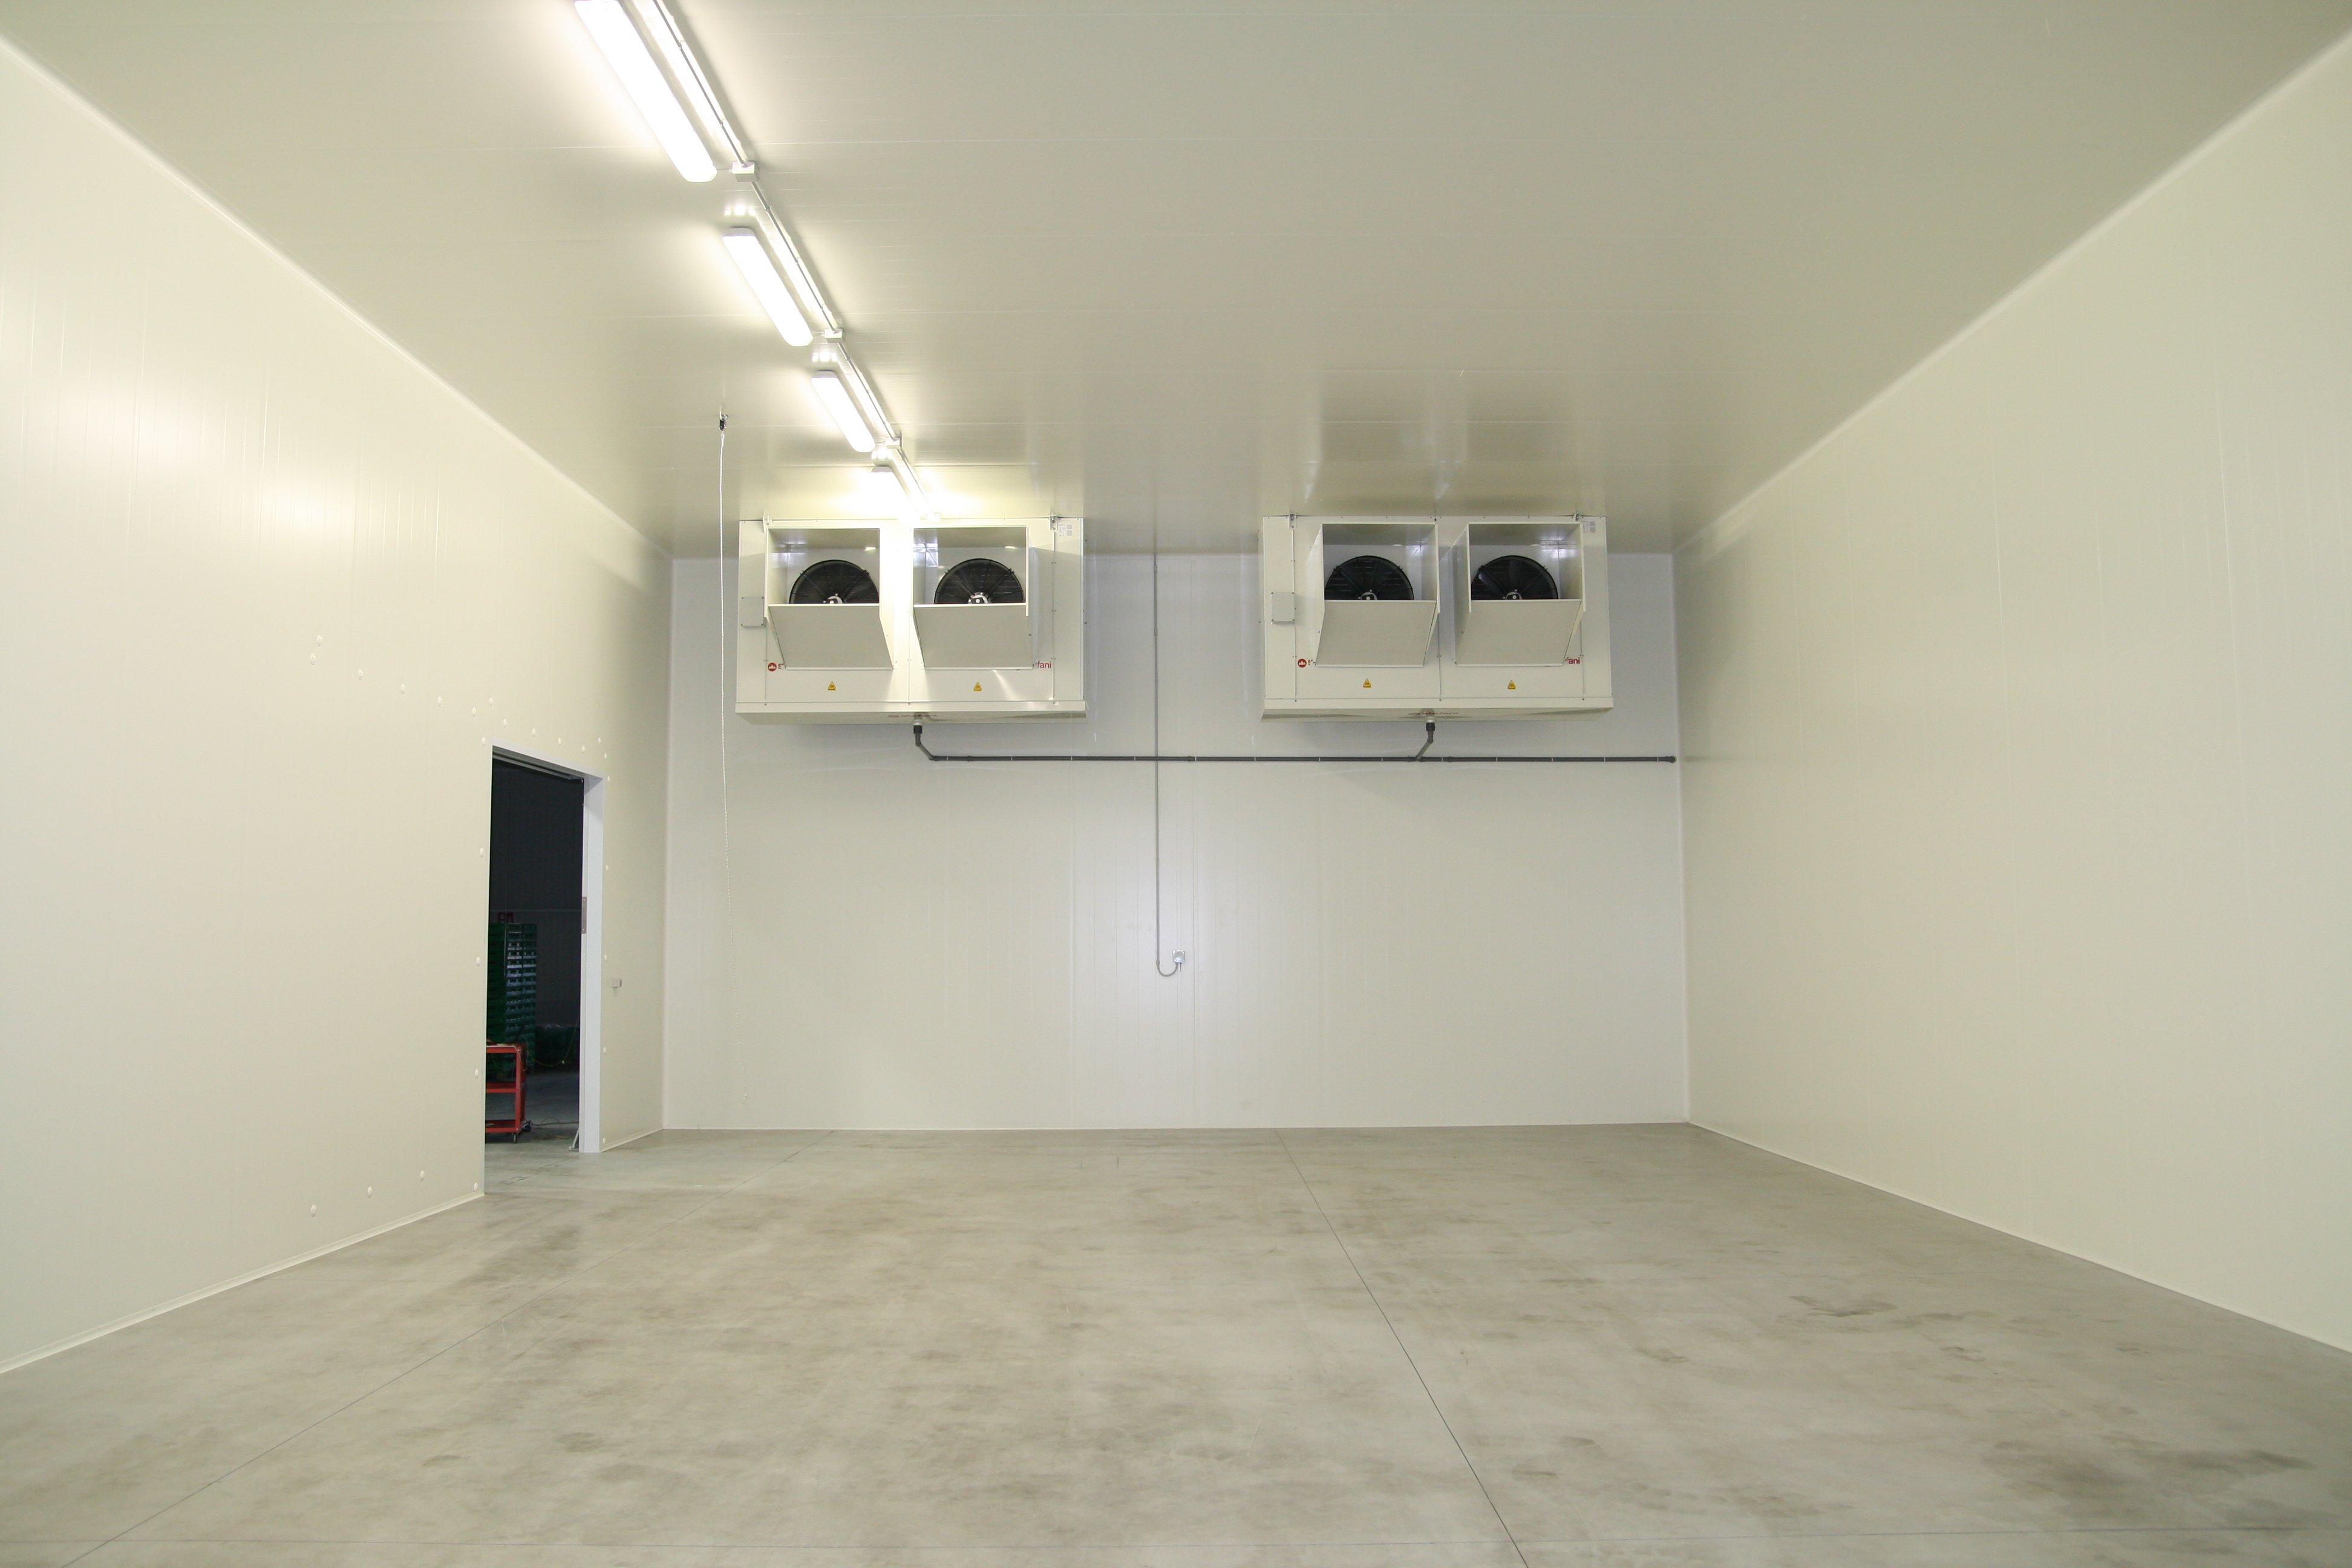 cella frigorifera vuota con pareti bianche